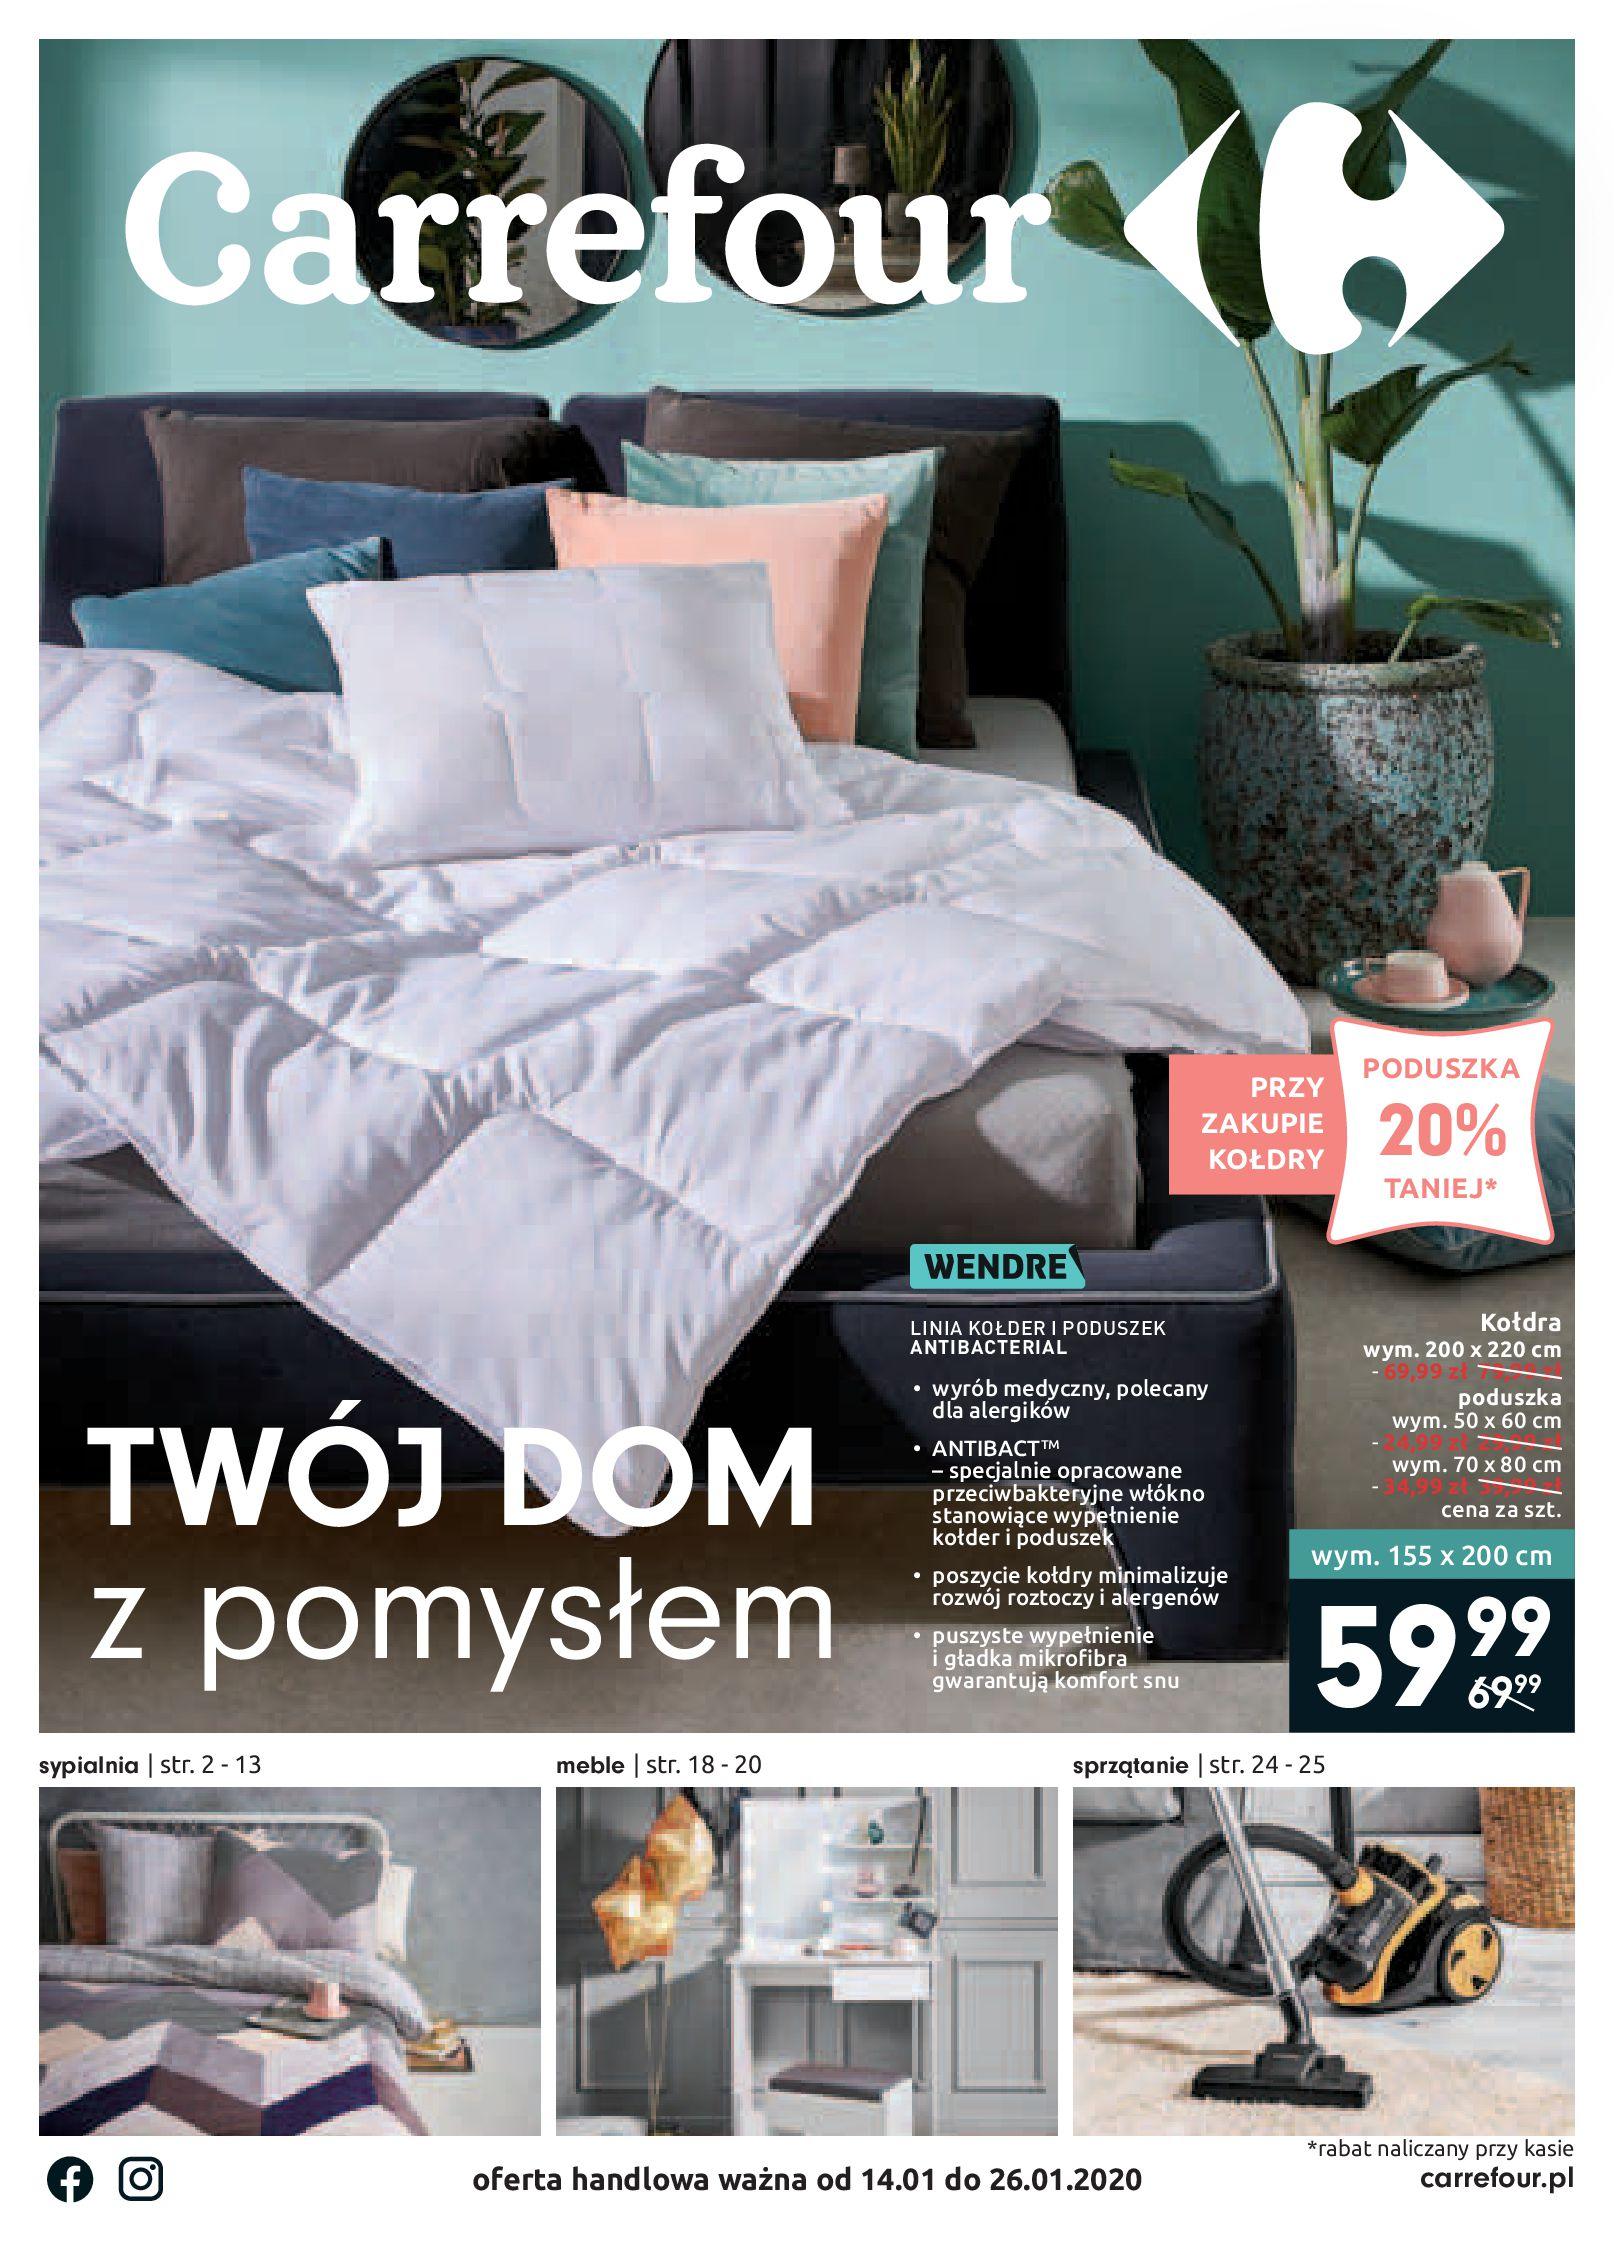 Gazetka Carrefour - Twój dom z pomysłem-13.01.2020-26.01.2020-page-1